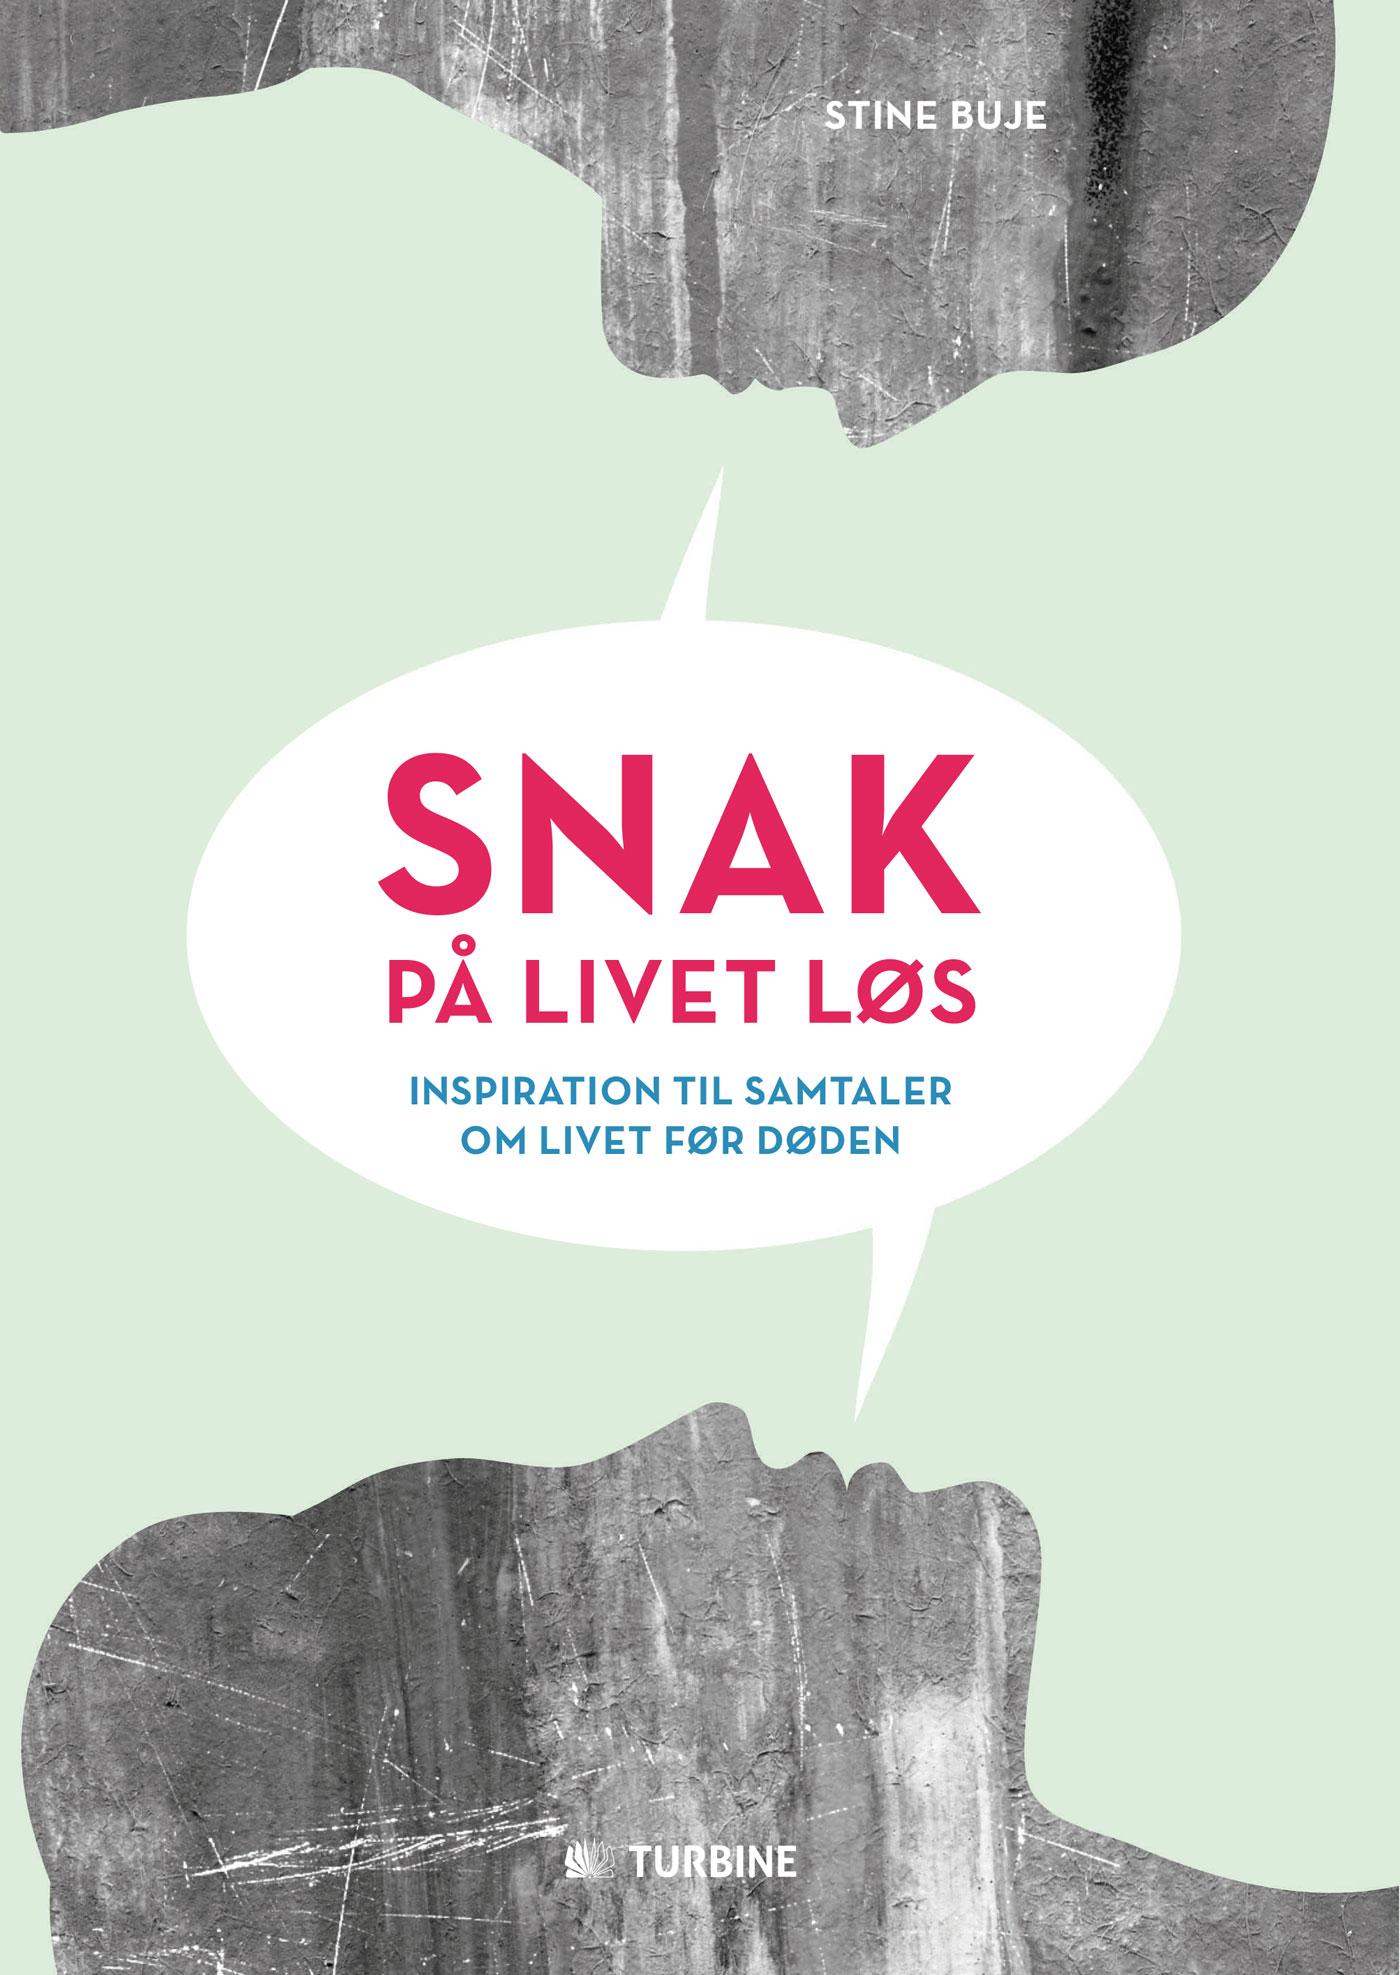 Snak på livet løs - e-bog fra N/A fra bog & mystik